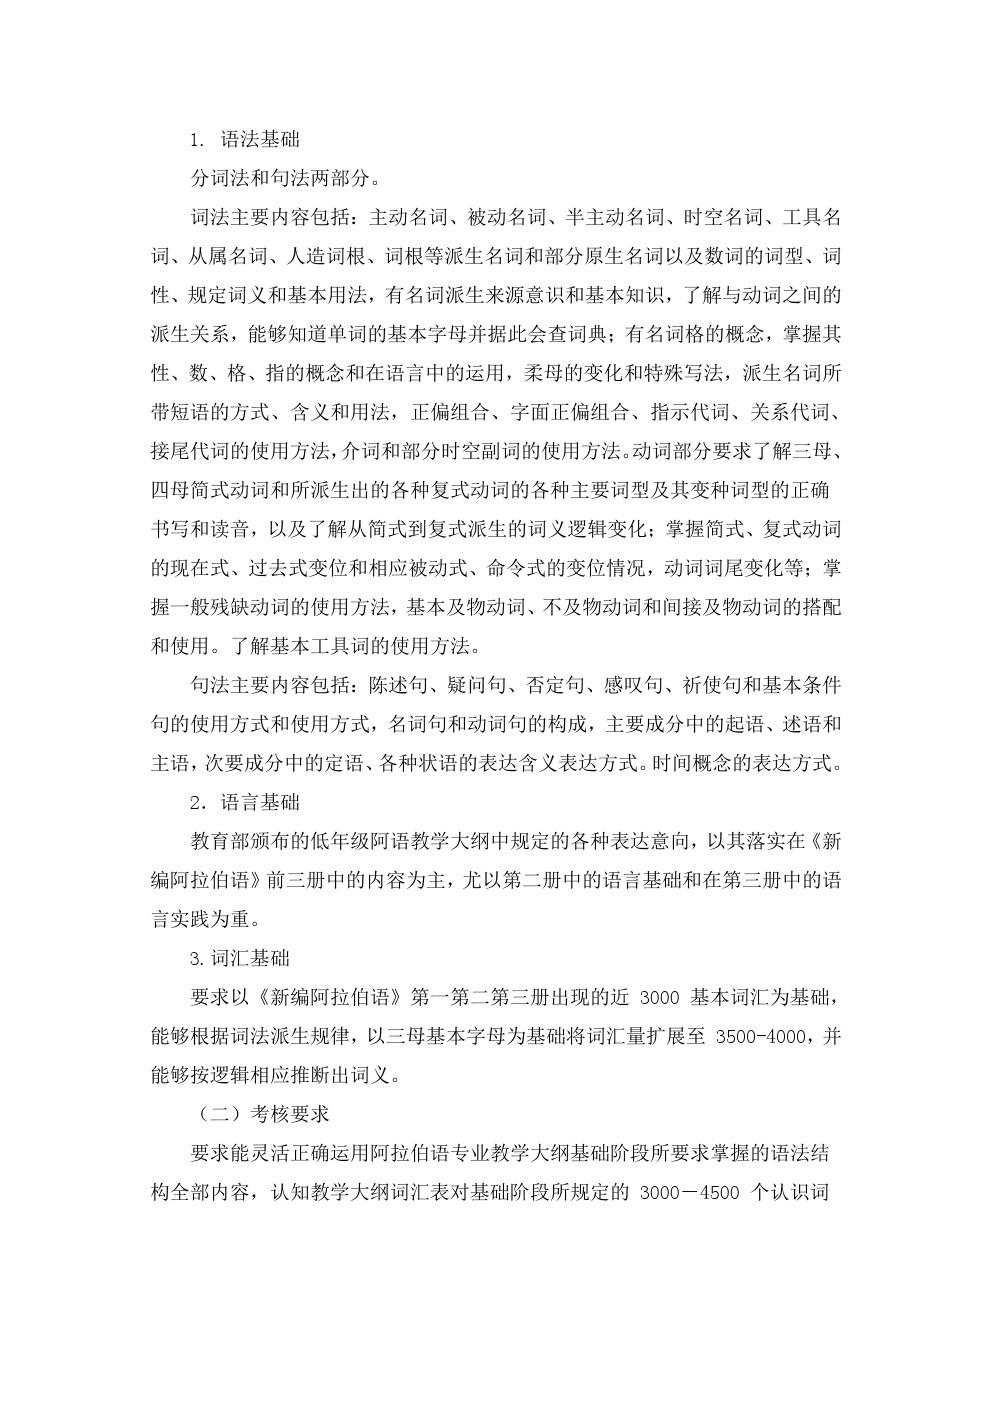 2020年河北省专接本考试外语类-阿拉伯语专业考试说明